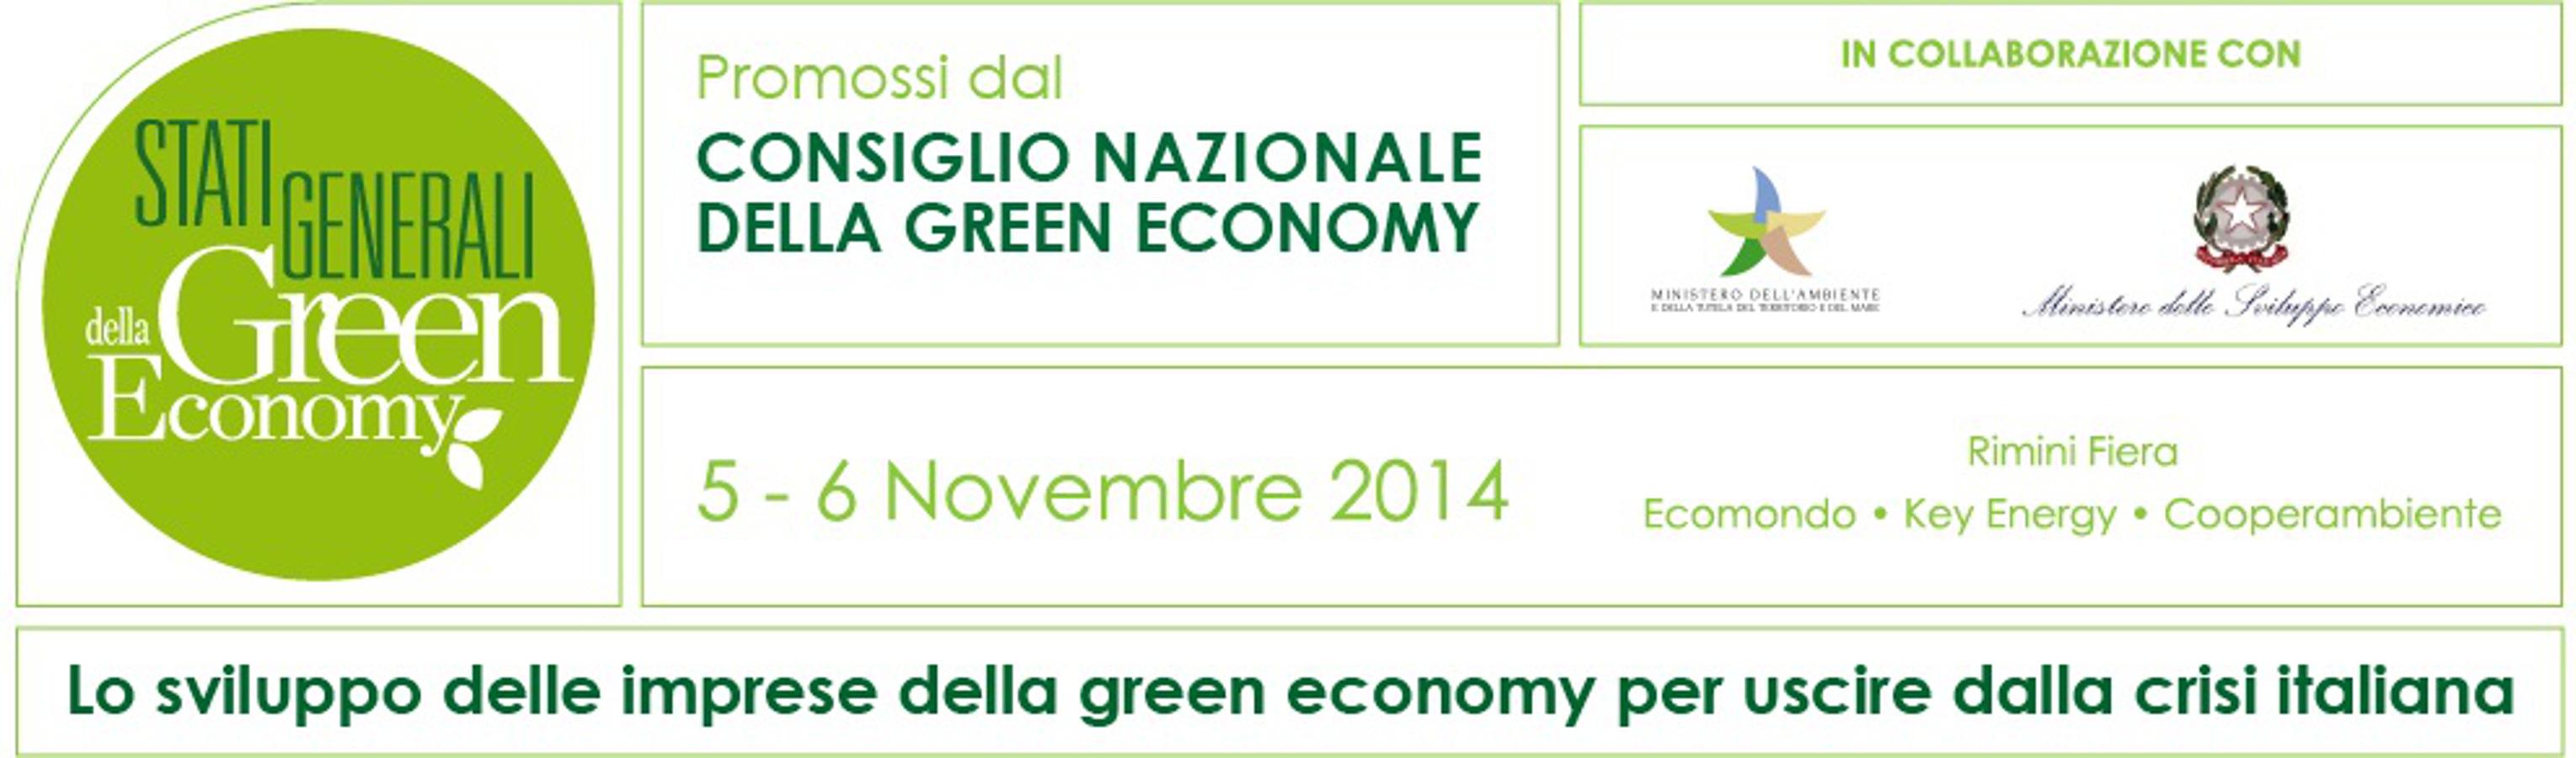 Terzo appuntamento a Rimini degli Stati Generali della Green Economy